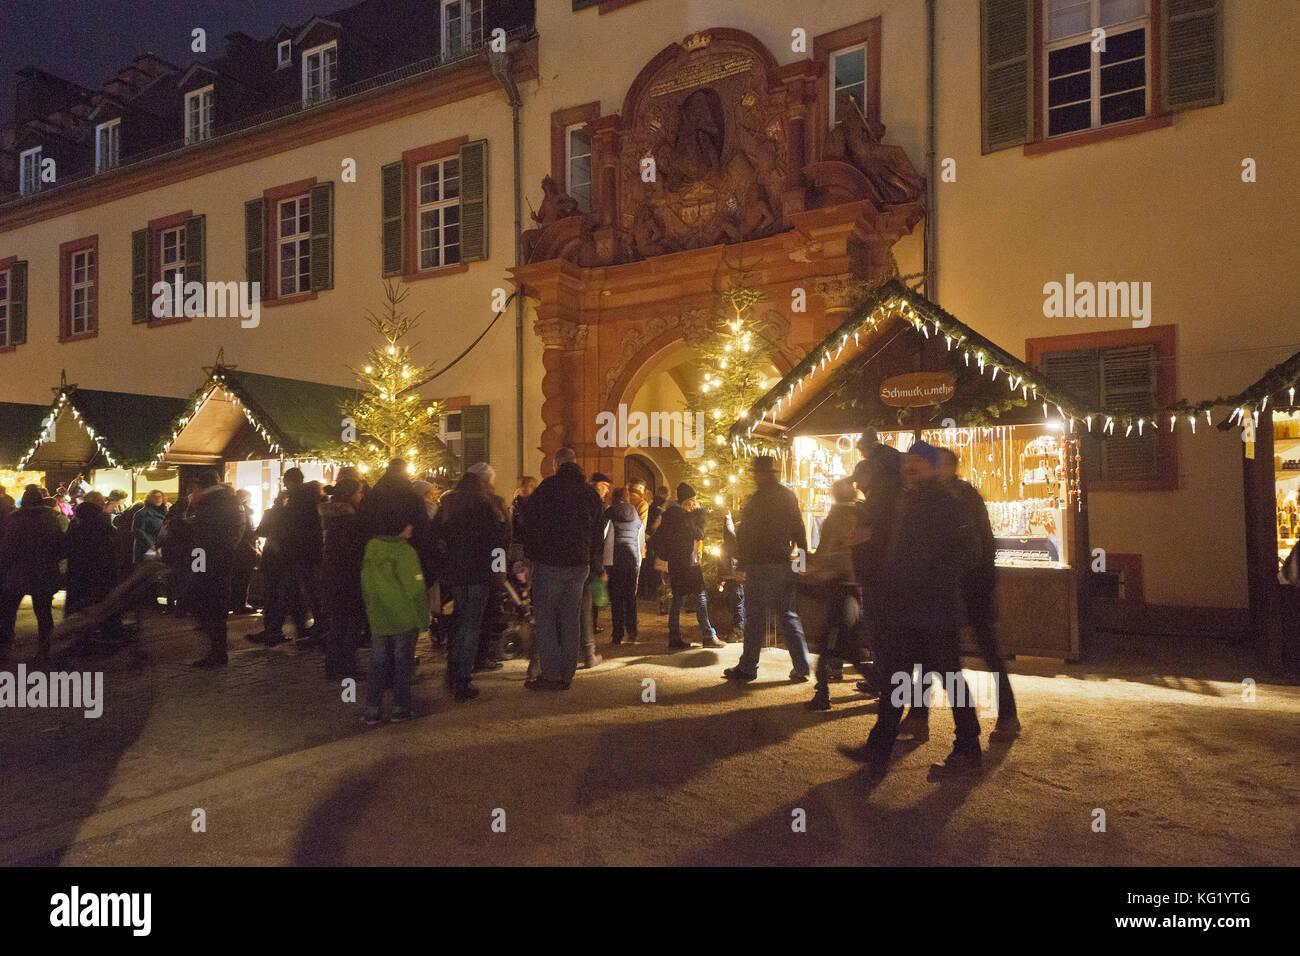 Weihnachtsmarkt Bad Homburg.Bad Homburg Hessen Weihnachtsmarkt Schloss Stockfoto Bild